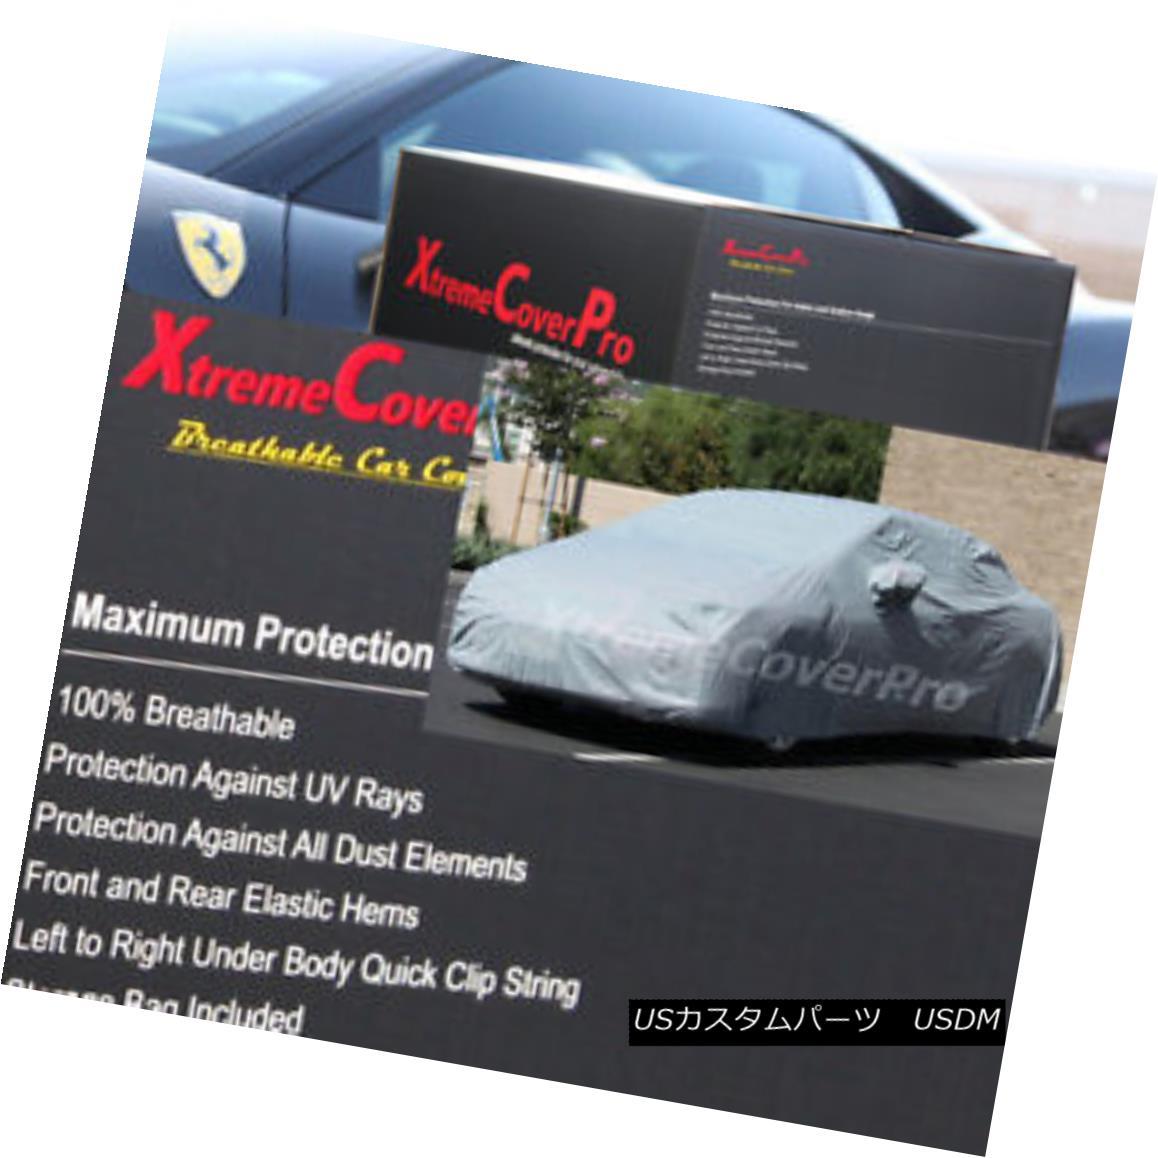 カーカバー XTREMECOVERPRO Breathable Car Cover w/MirrorPocket Grey Ni Maxi 02 XTREMECOVERPRO通気性のカーカバー、MirrorPocketグレーNi Maxi 02